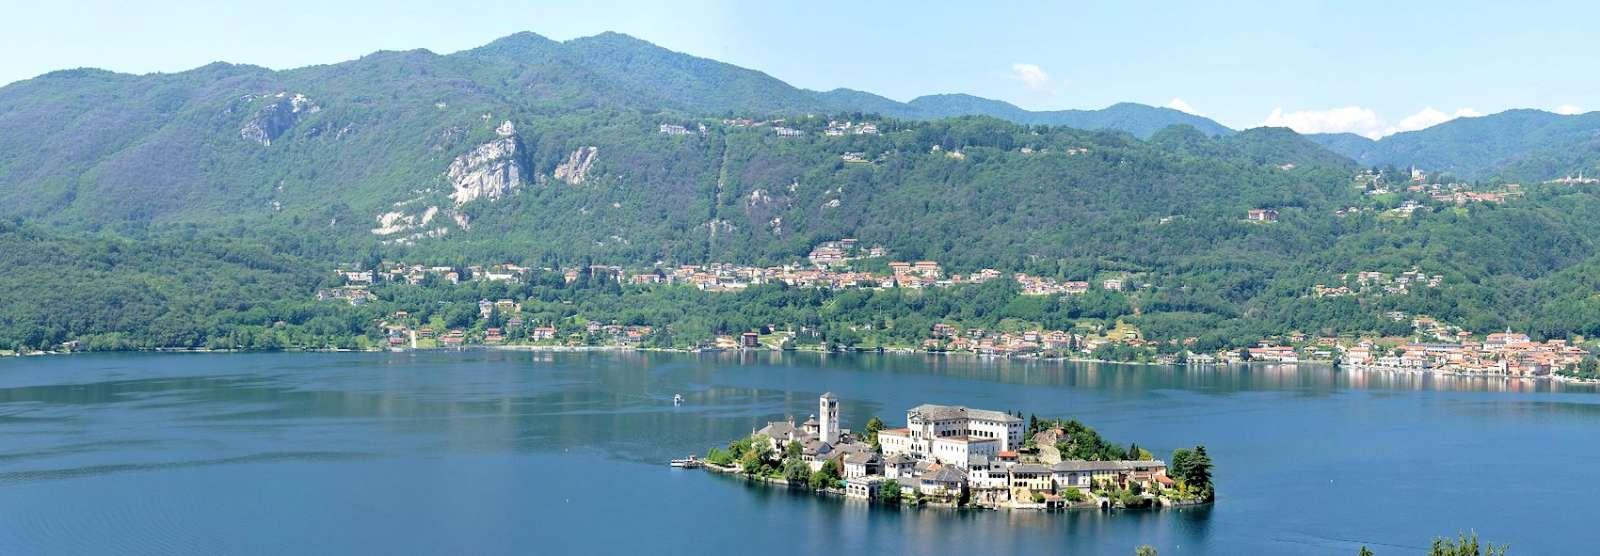 Udsigt fra Sacro Monte d'Orta